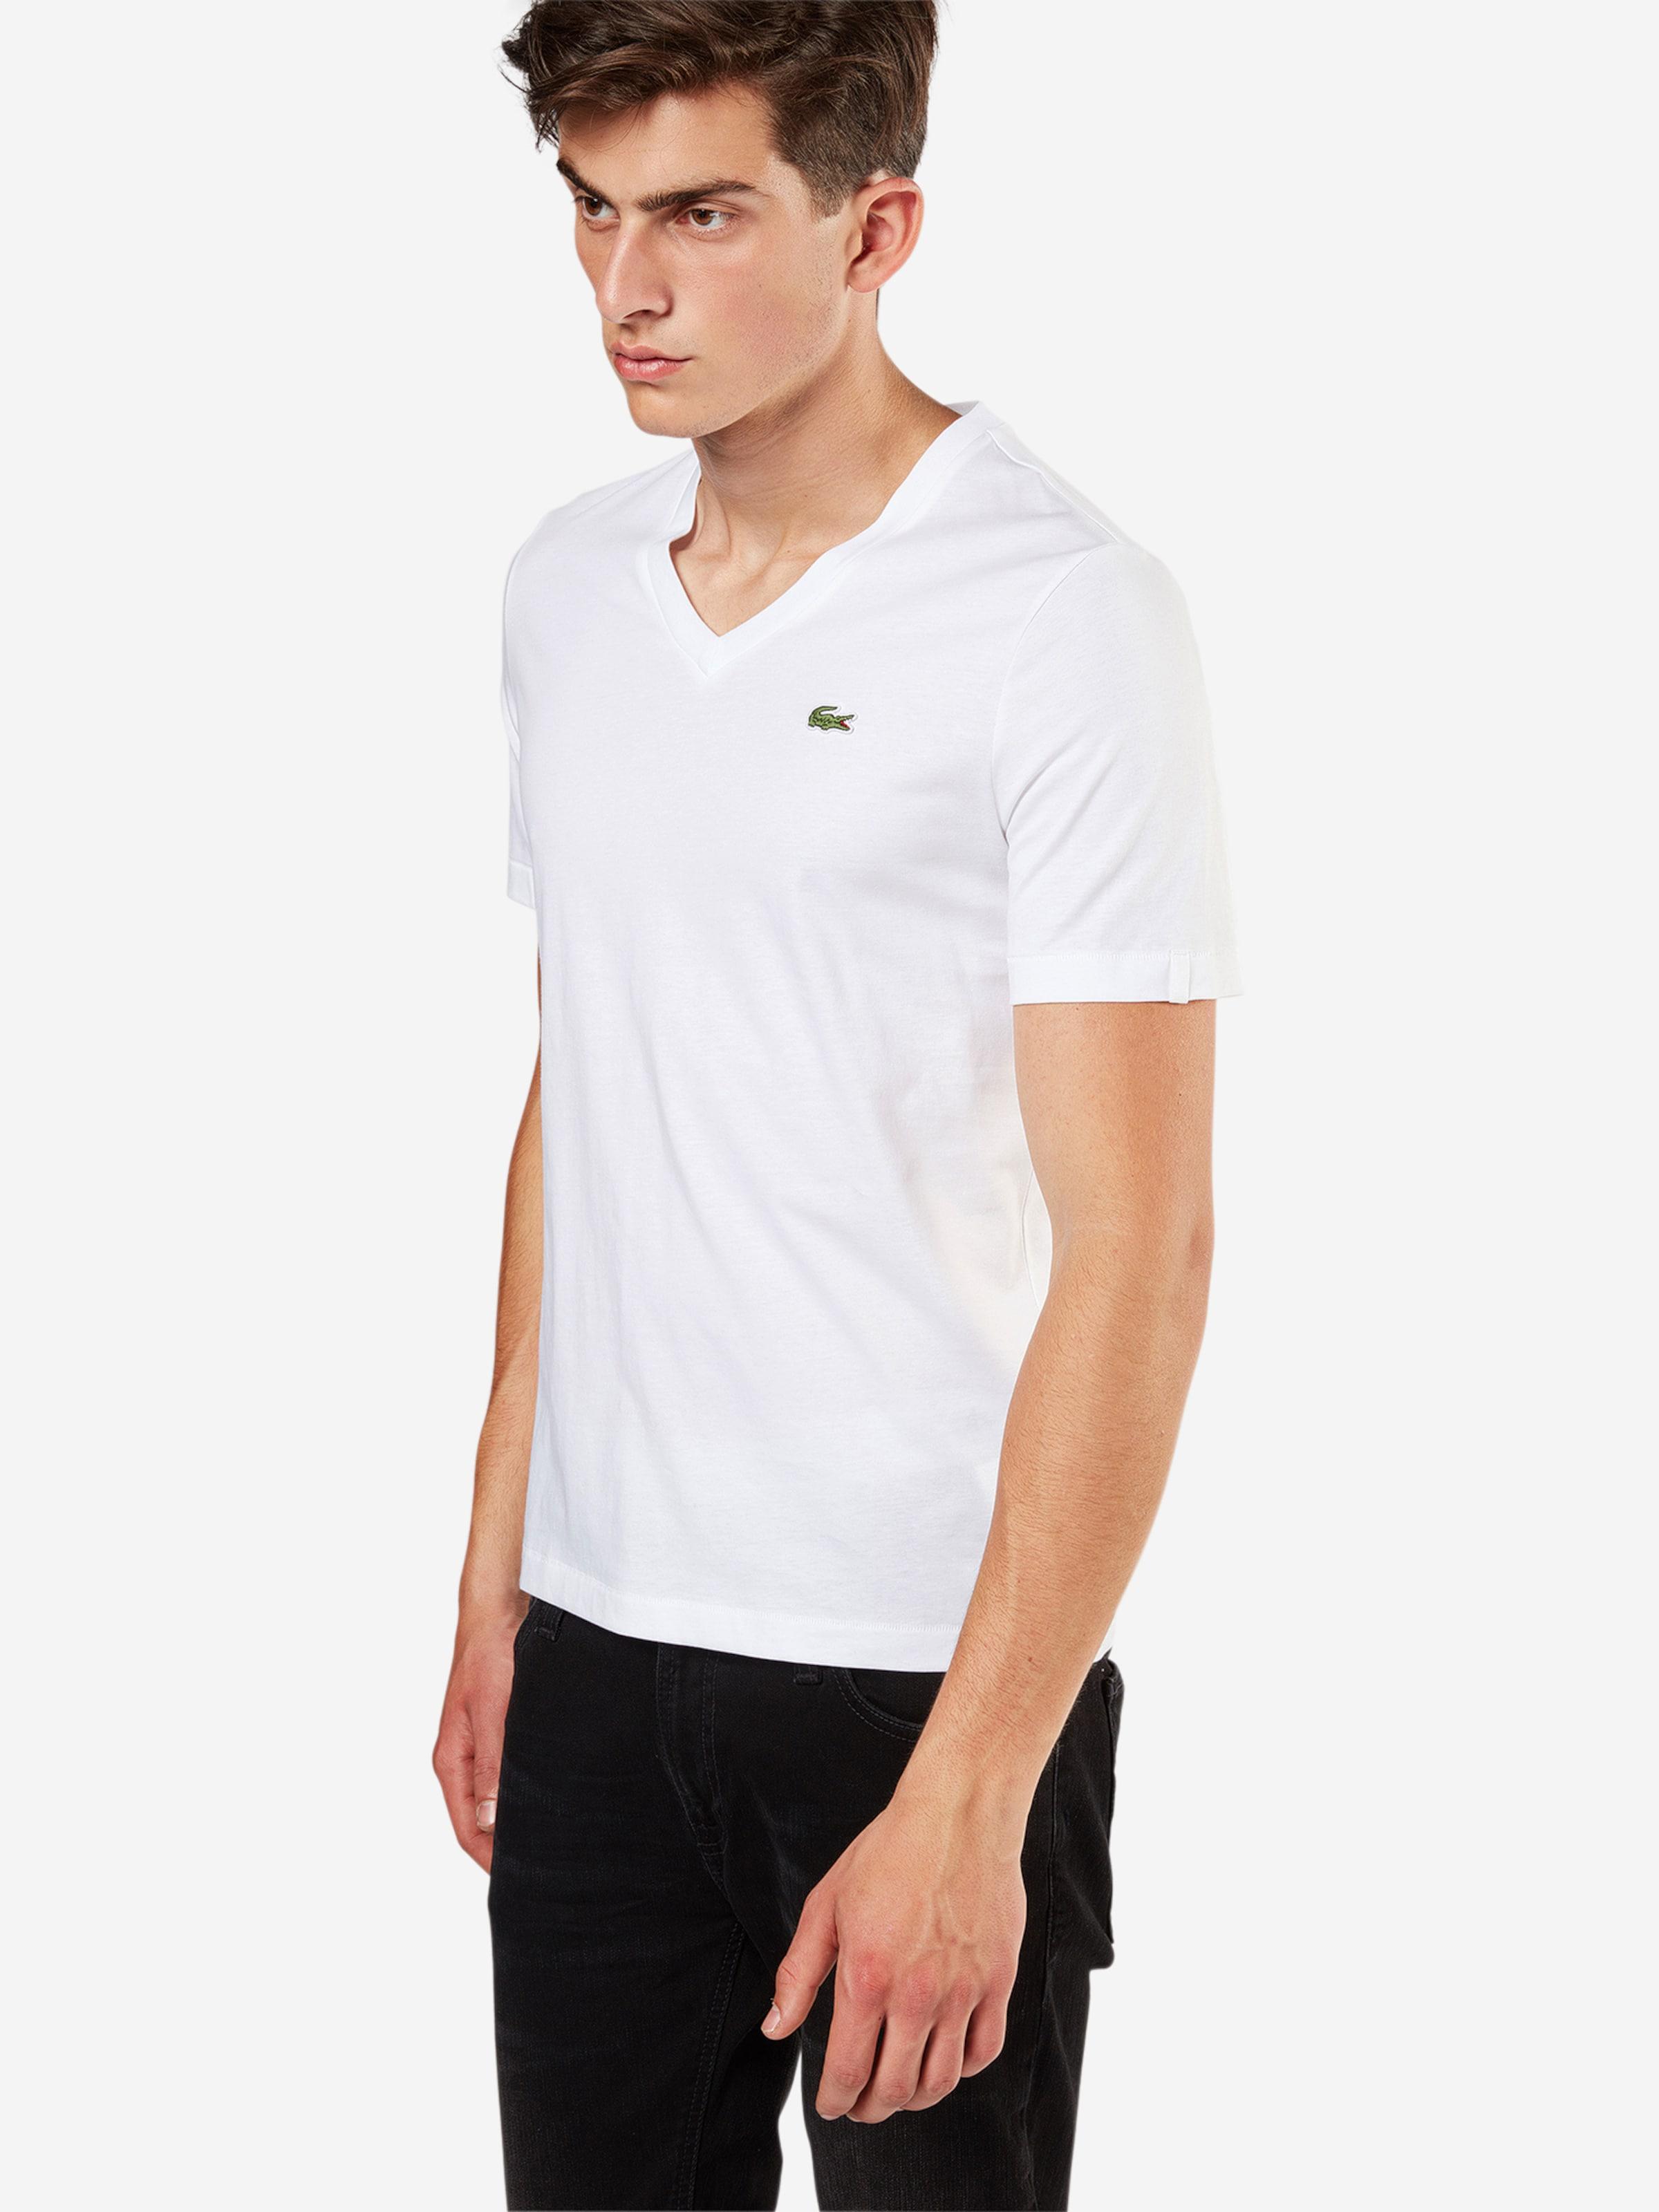 Lacoste LIVE T-Shirt Billig Verkauf Großer Verkauf Billig Verkauf Niedrig Versandkosten Limited Edition Online Billig Einkaufen Zum Verkauf Preiswerten Realen CwPCu